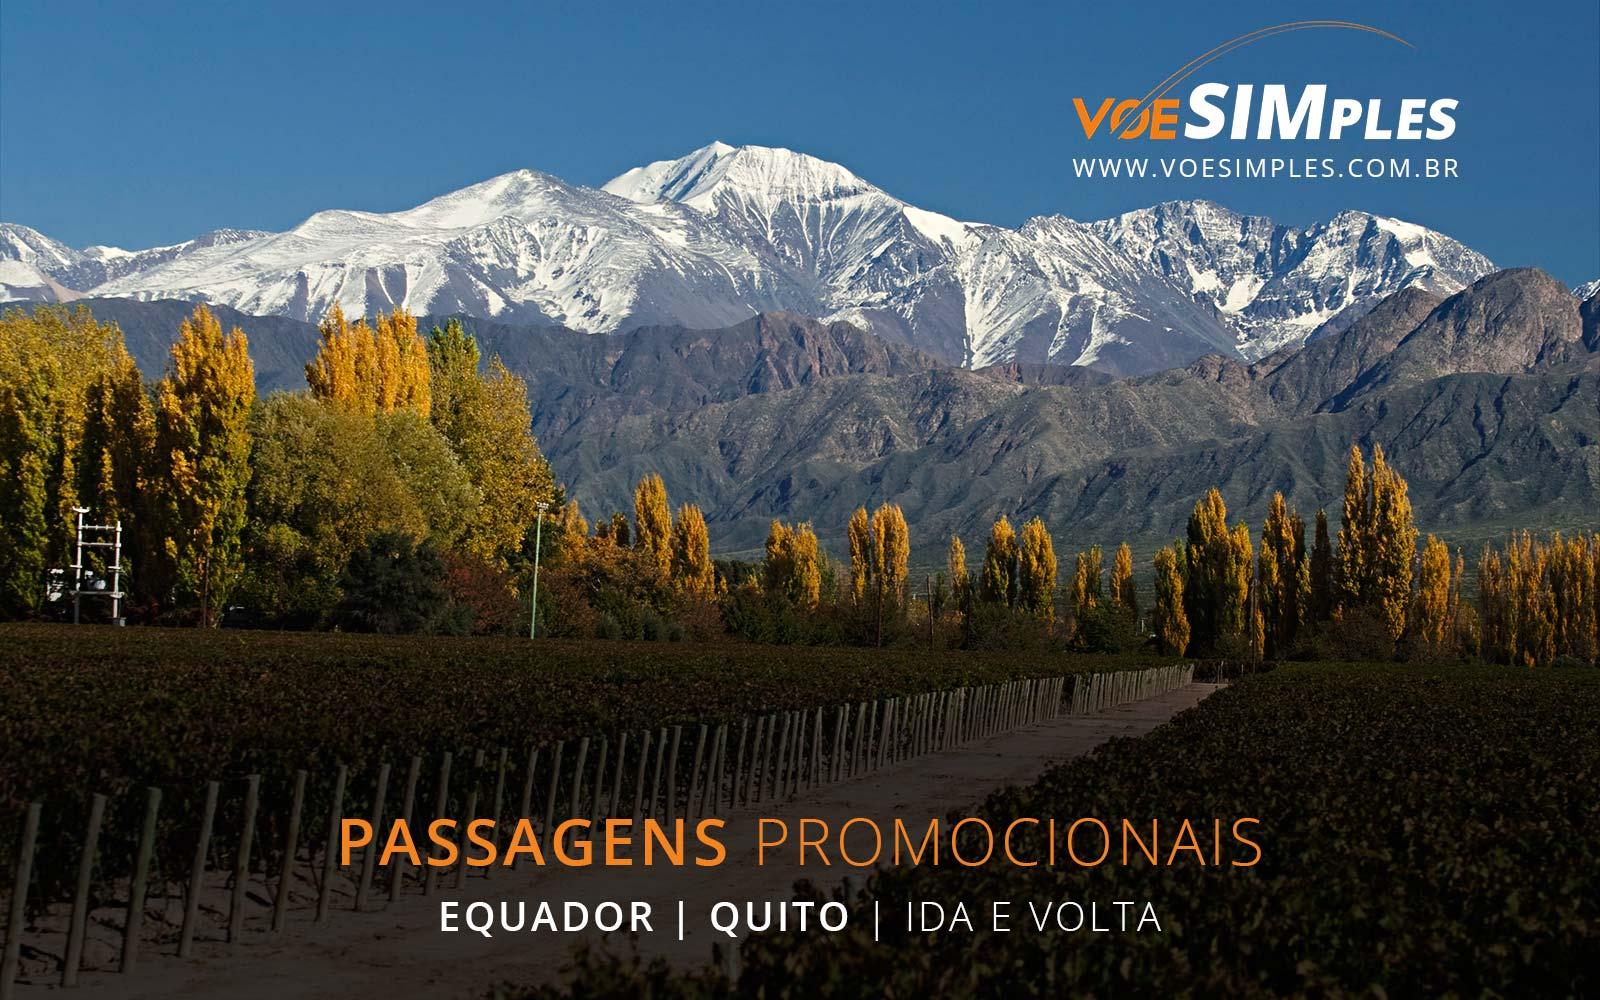 Passagens aéreas promocionais para Quito no Equador